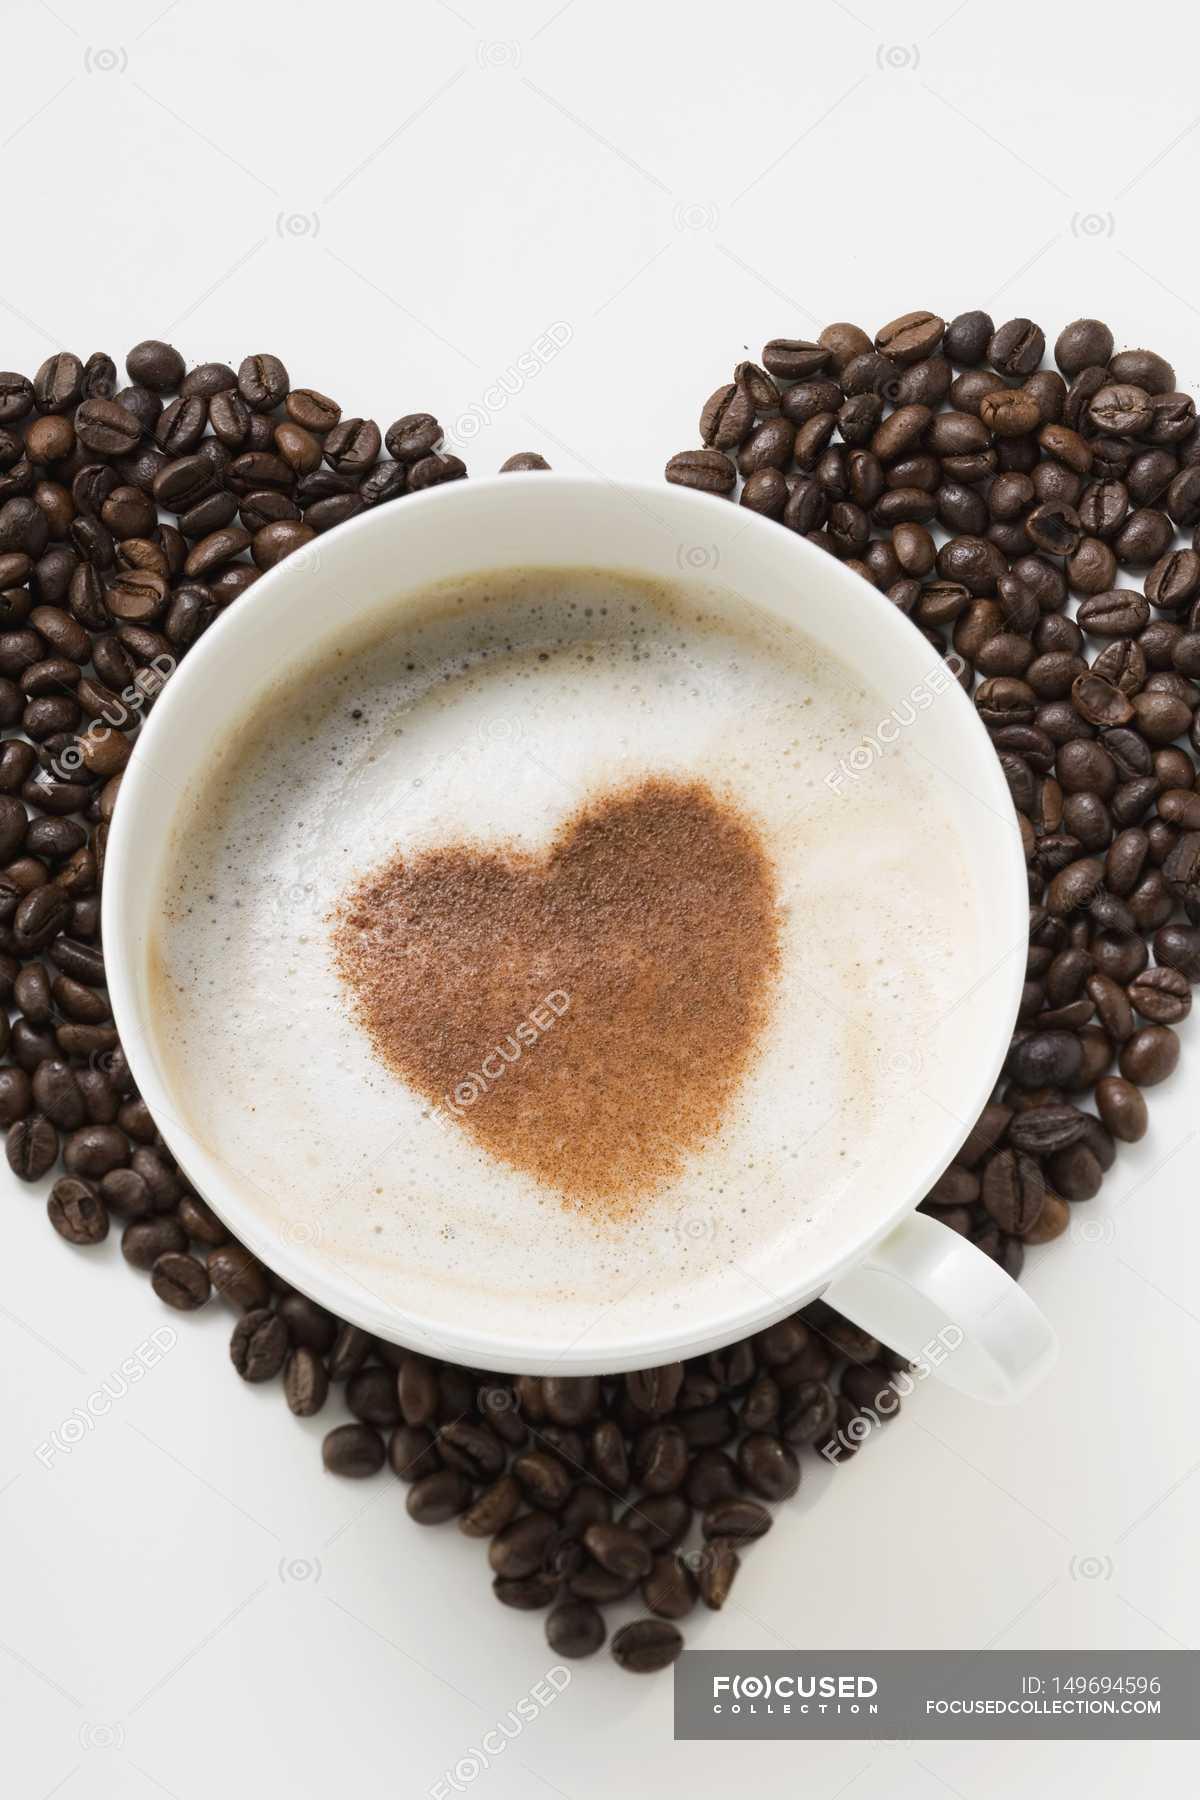 Картинки юбиляру, картинка чашечка кофе для хорошего настроения